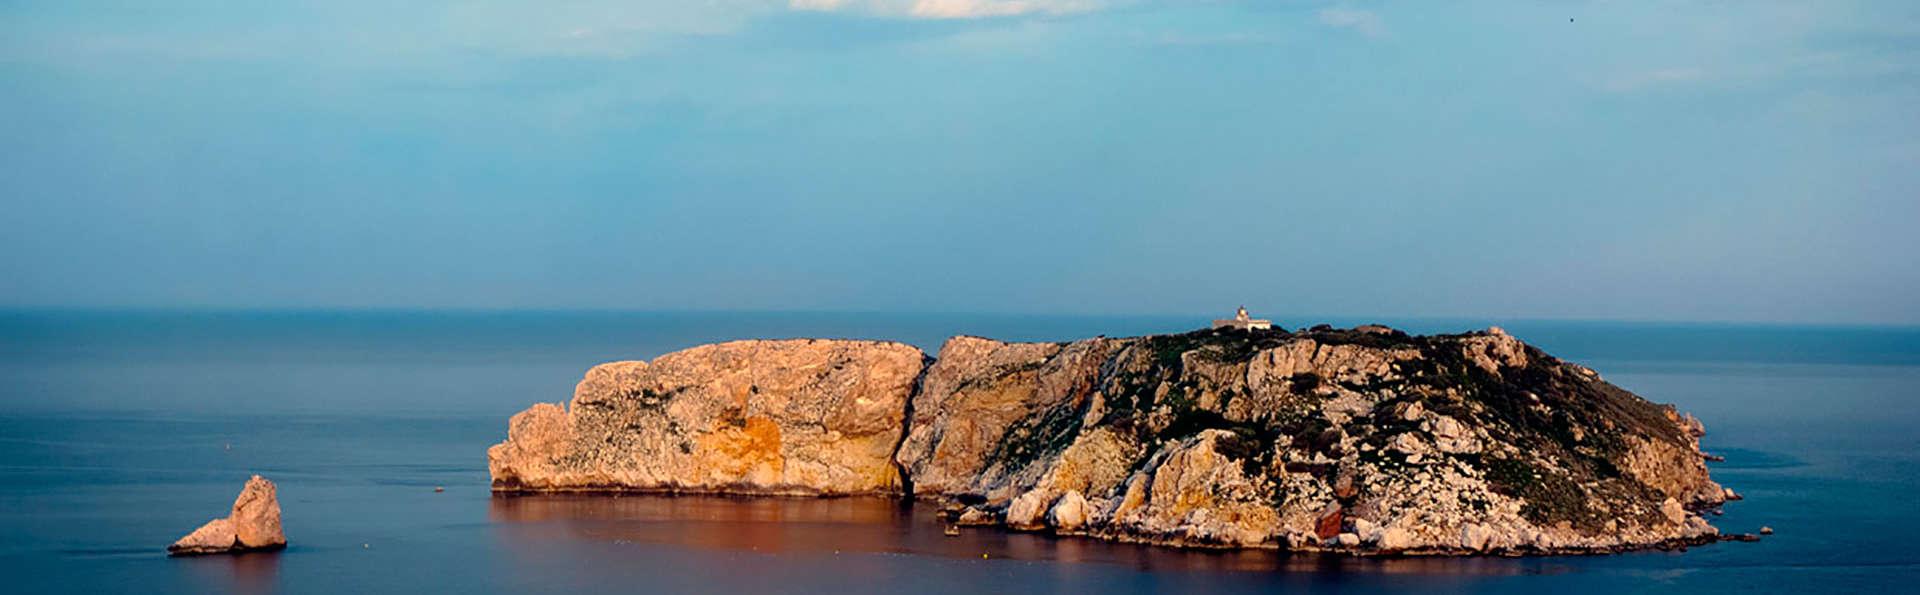 Hotel & Diving Les Illes - EDIT_destination.jpg